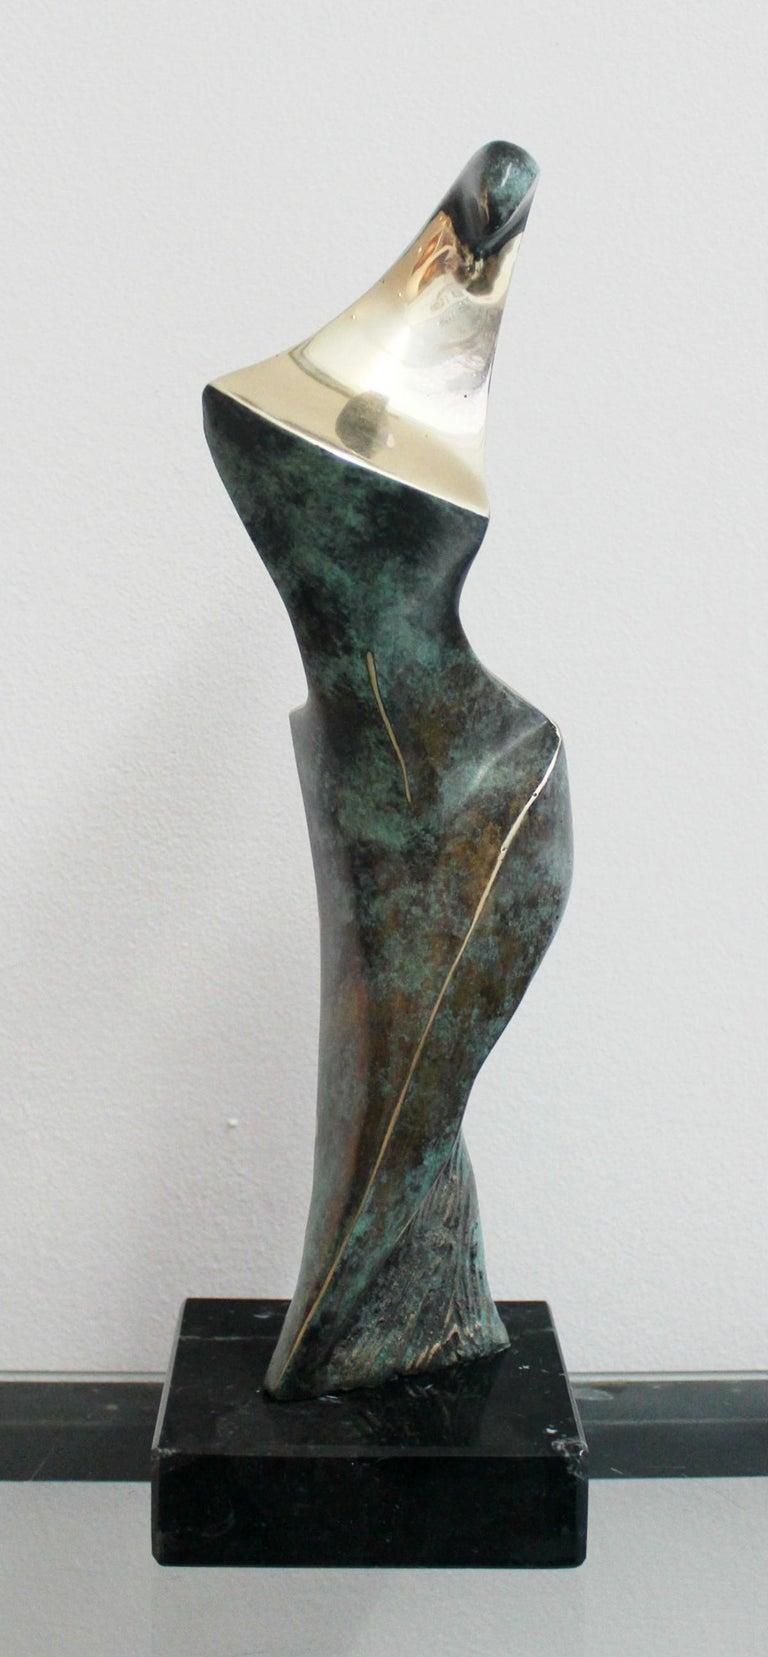 Stanisław Wysocki Nude Sculpture - Dame - XXI Century, Contemporary Bronze Sculpture, Figurative, Nude, Abstraction